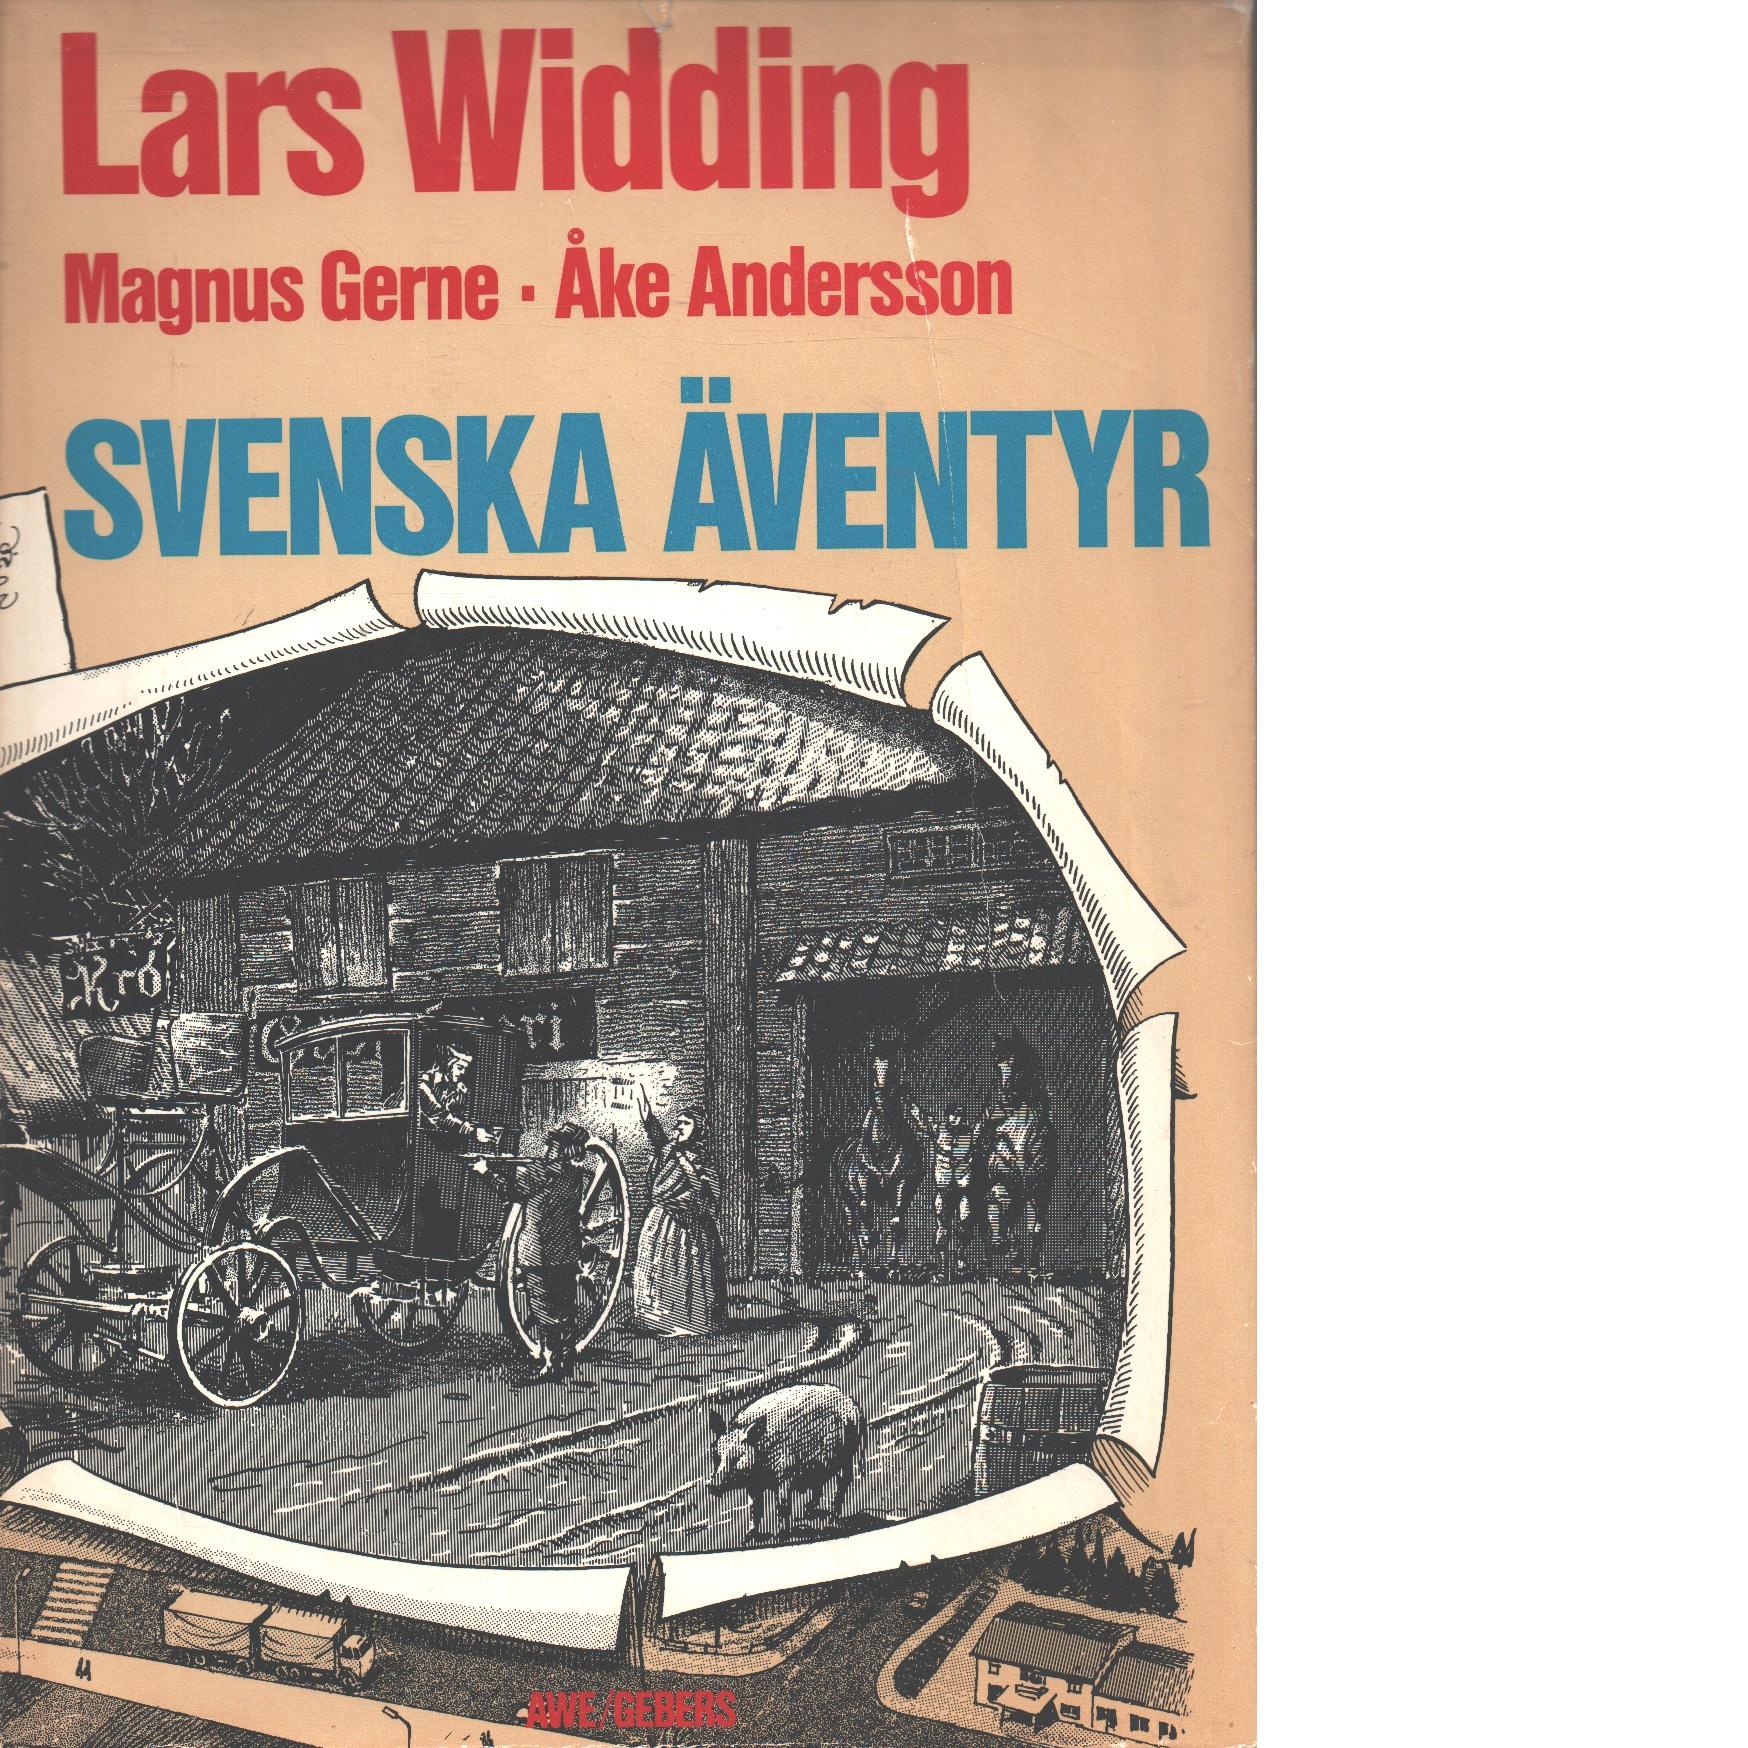 Svenska äventyr. [Bok 1] - Widding, Lars och Gerne, Magnus, samt Andersson, Åke